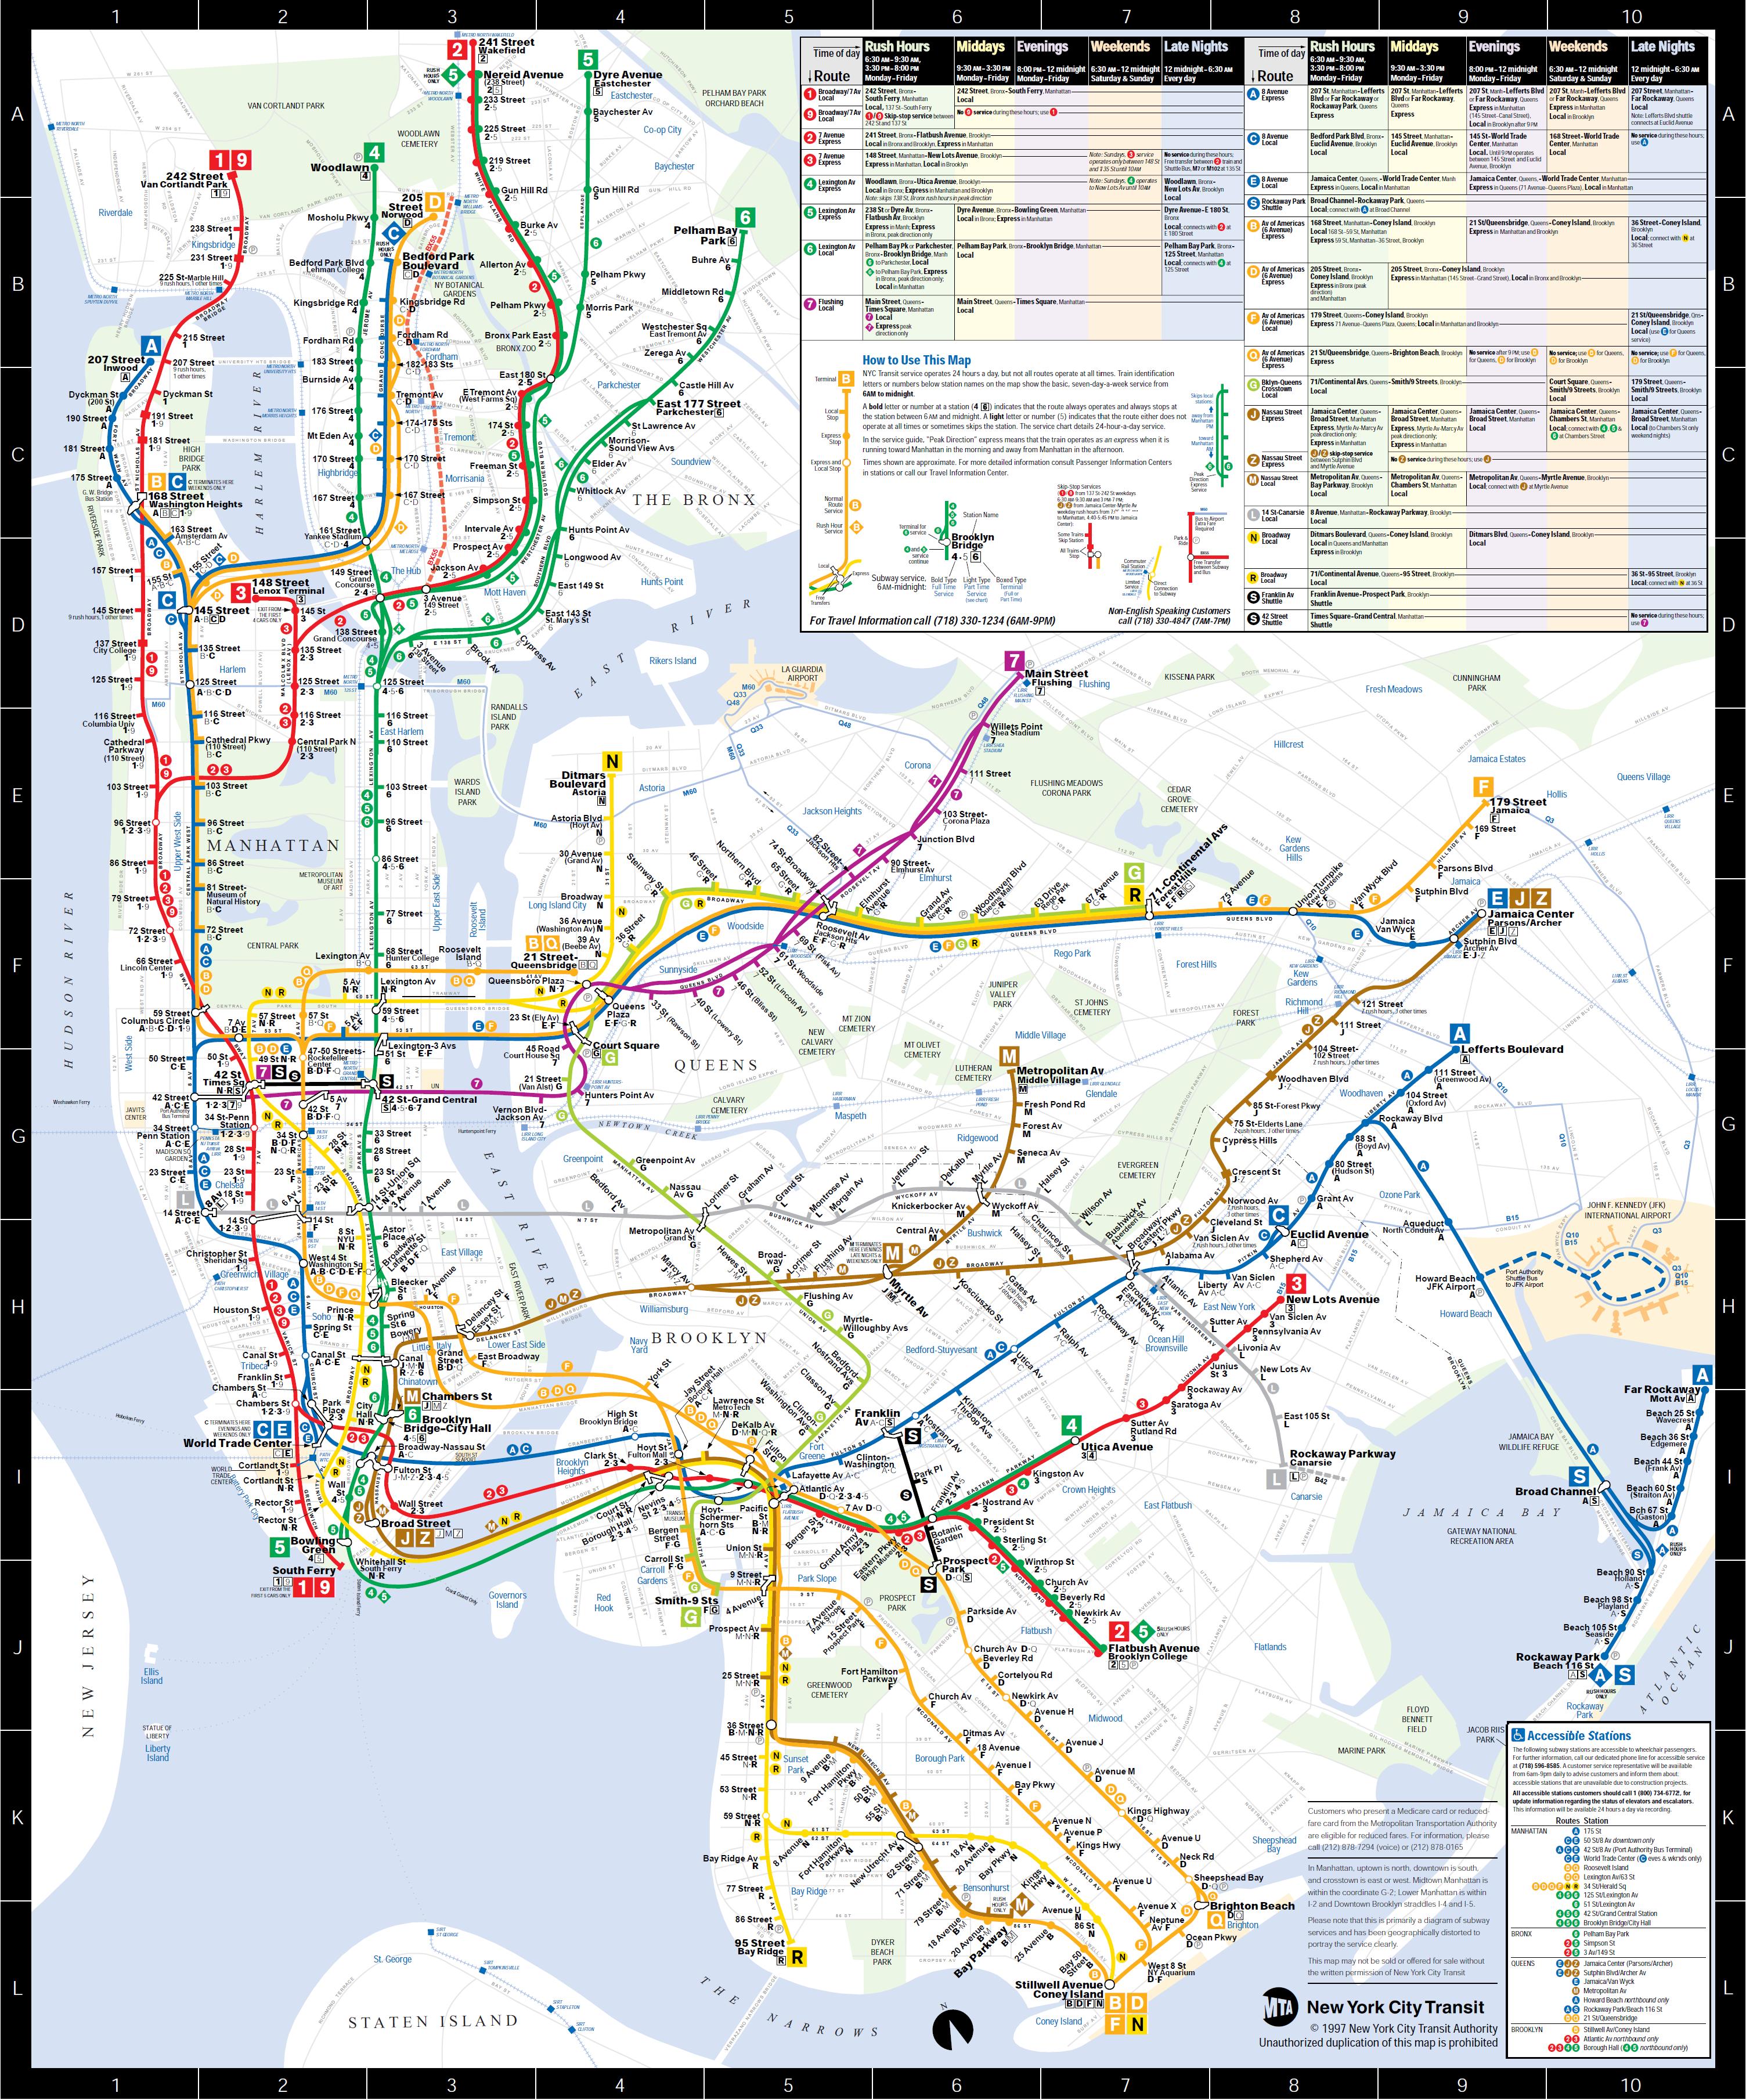 Street And Subway Map Of Nyc.Mta Nyc Subway Map 1997 By Johng15 On Deviantart